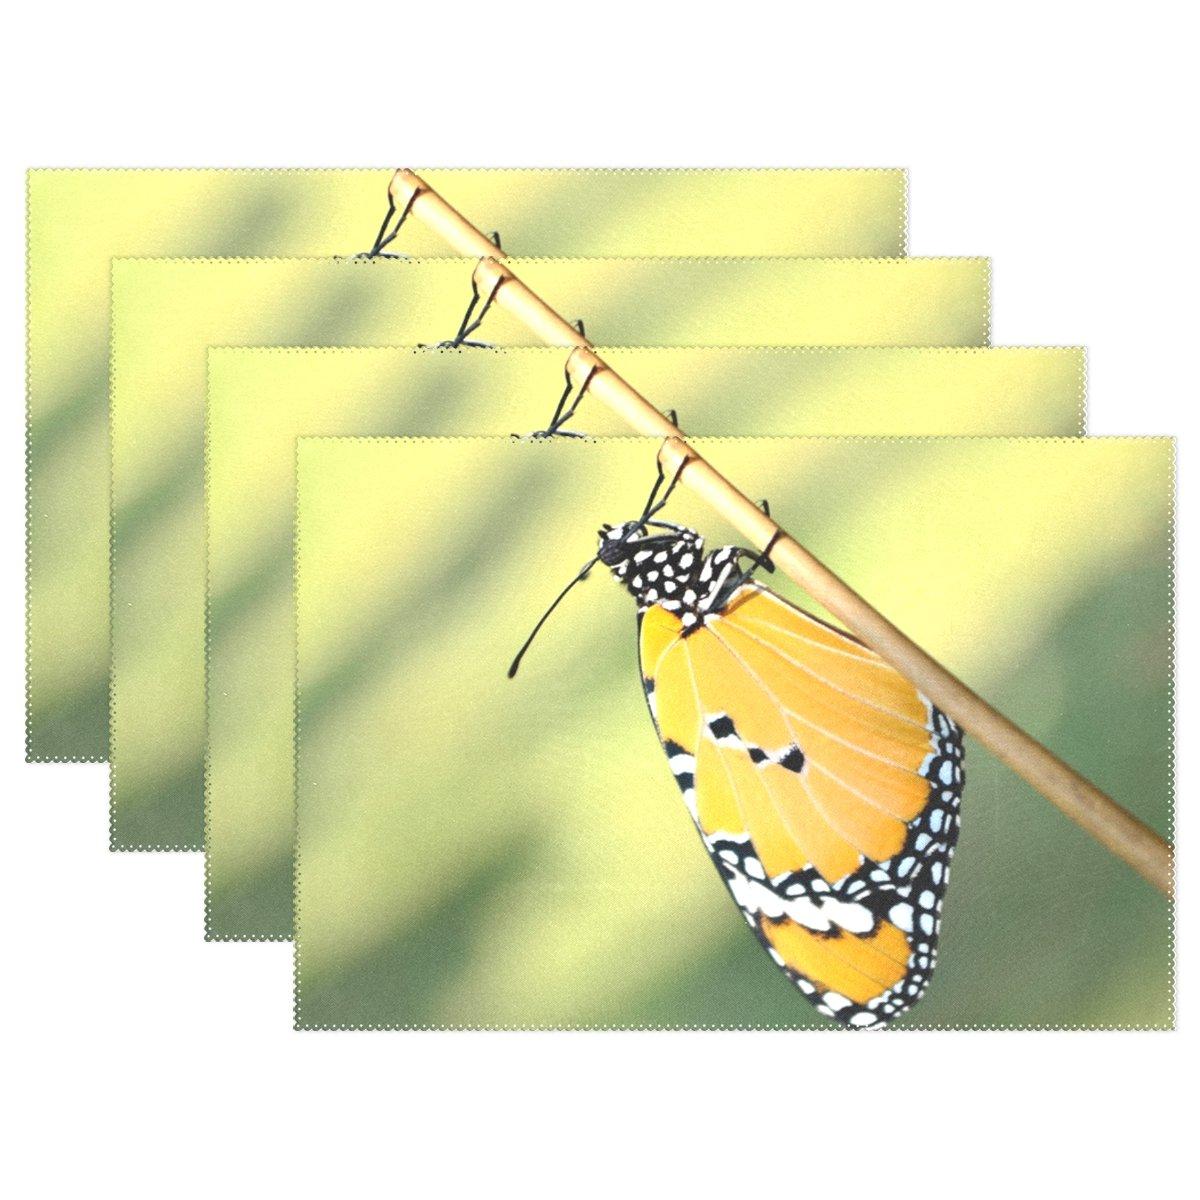 夕食テーブルマット – Heat Resistant手洗い可能プレースマットノンスリップ洗濯可能Placeマットキッチンダイニングルーム用1 Piece Wingパーティクル爆発 Placemats 001  Tiger Monarch Butterfly B078RP4D6V